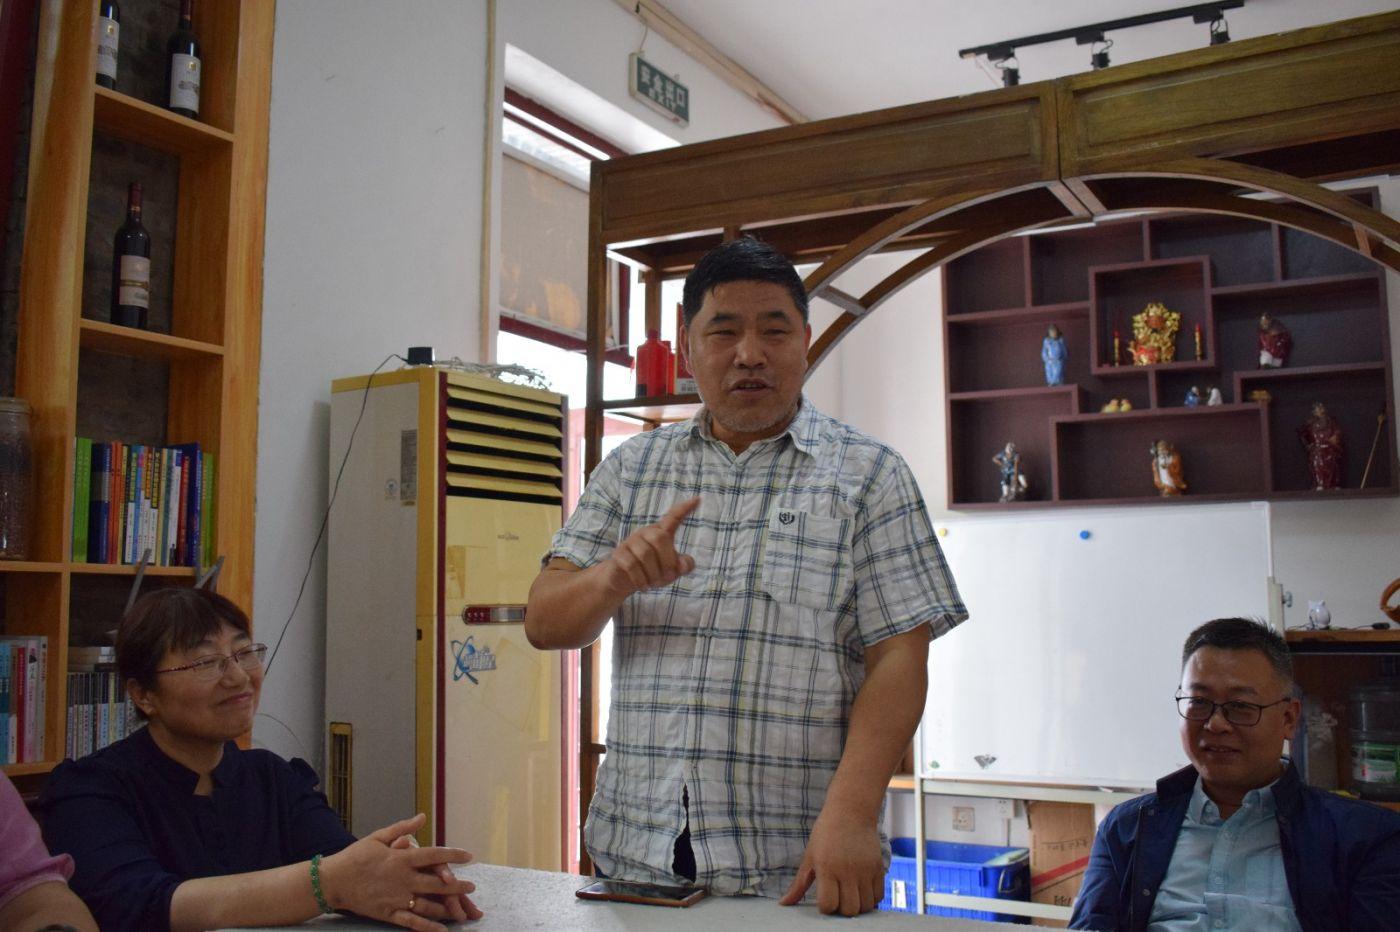 北京笔下乾坤志愿团队成立_图1-5